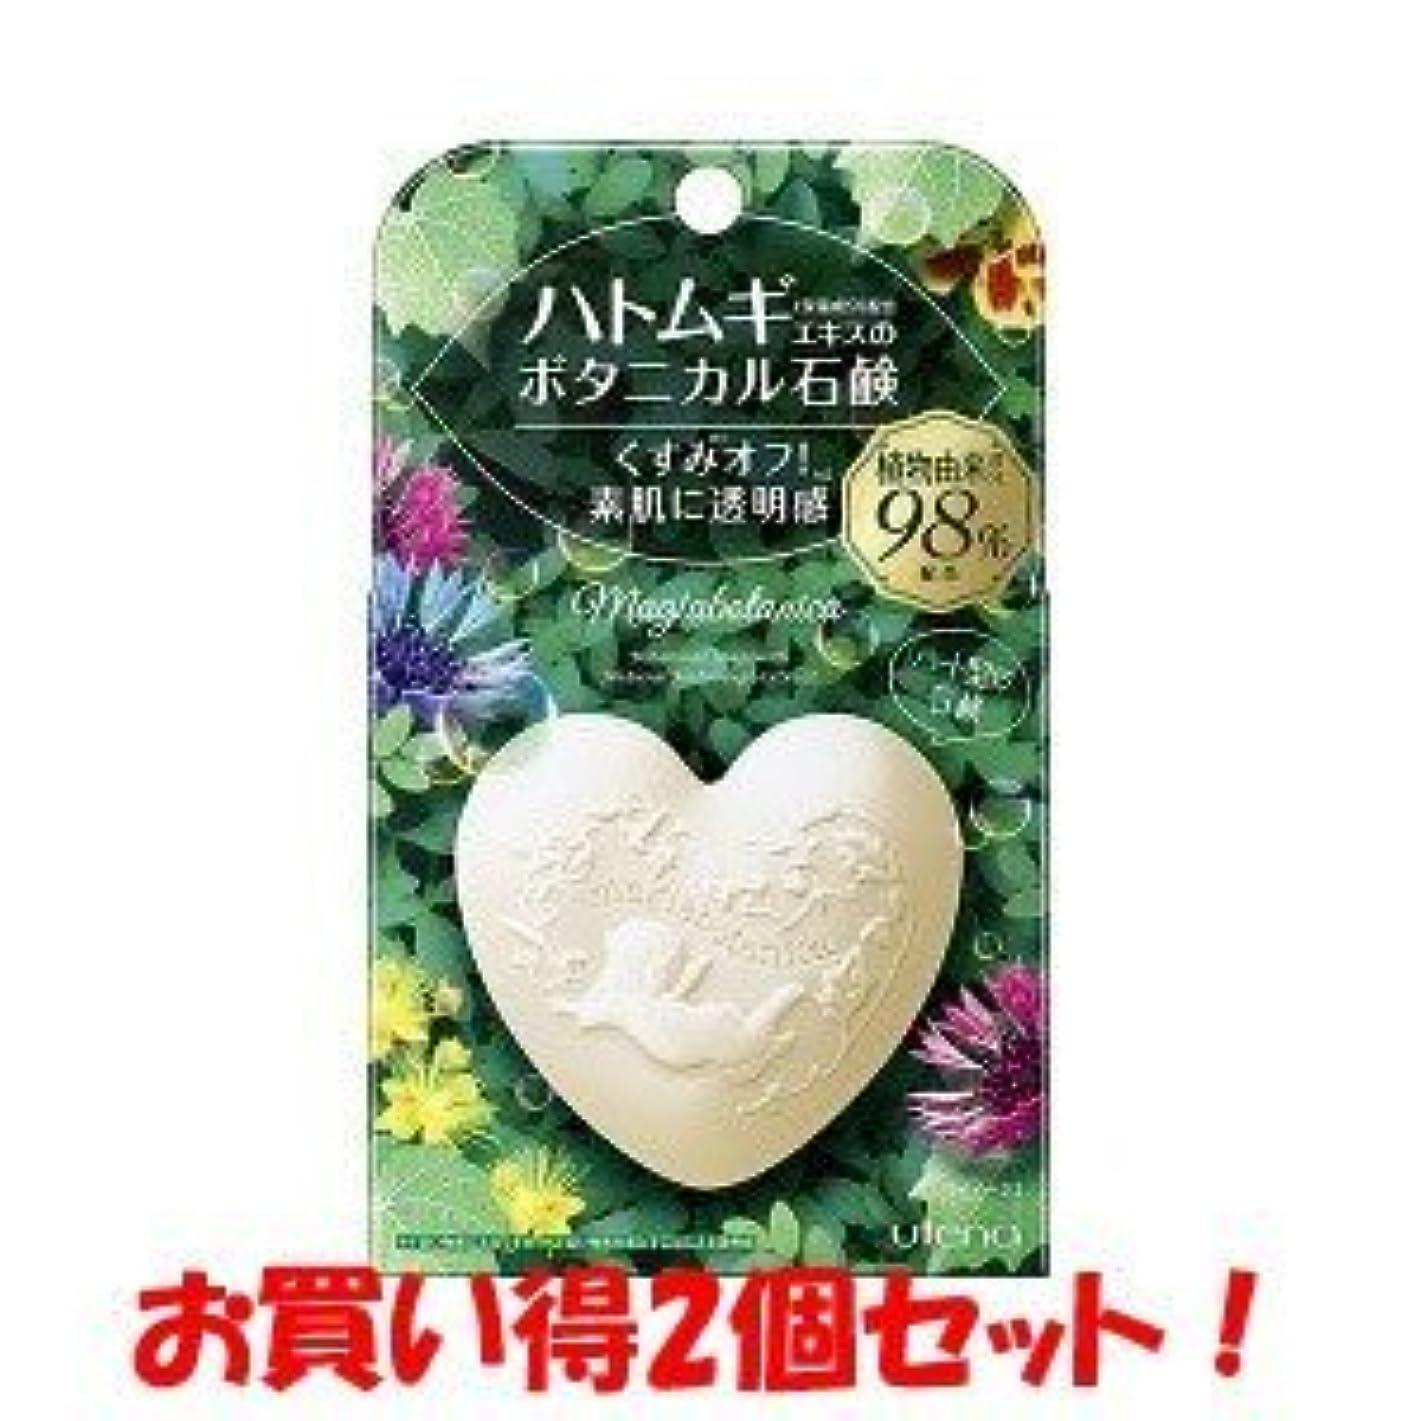 繁栄する未亡人保持(ウテナ)マジアボタニカ ボタニカル石鹸 100g(お買い得2個セット)